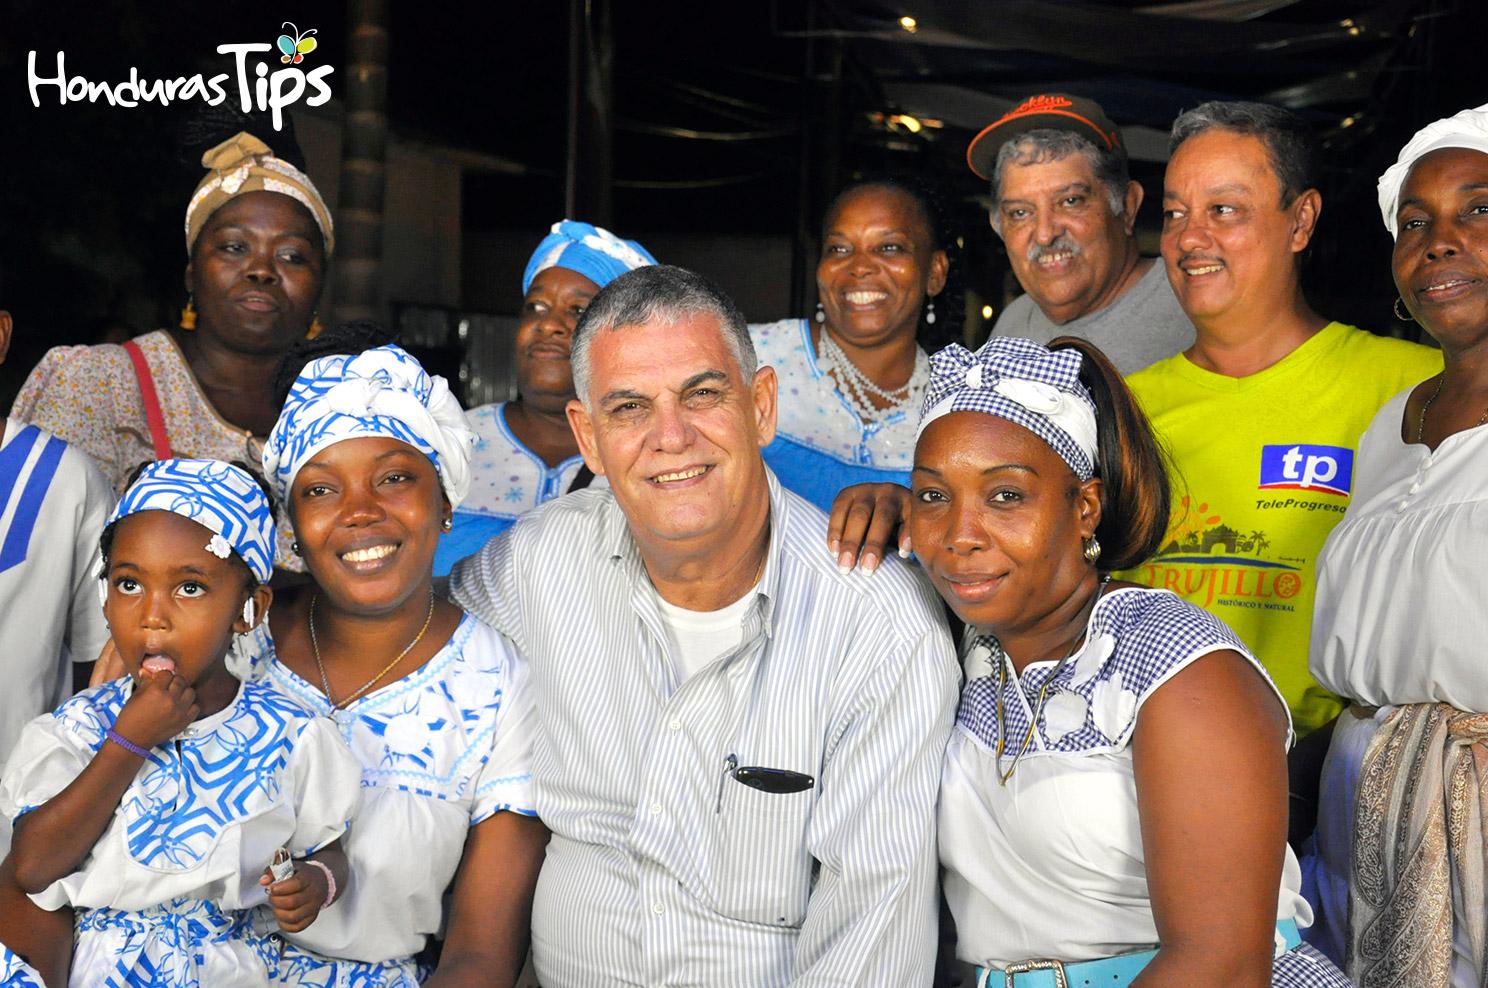 El creador de Caravana de Identidad, Juan Bendeck disfrutó de una charla en el paseo Juan de Medina rodeado de miembros de la comunidad garífuna en Trujillo.